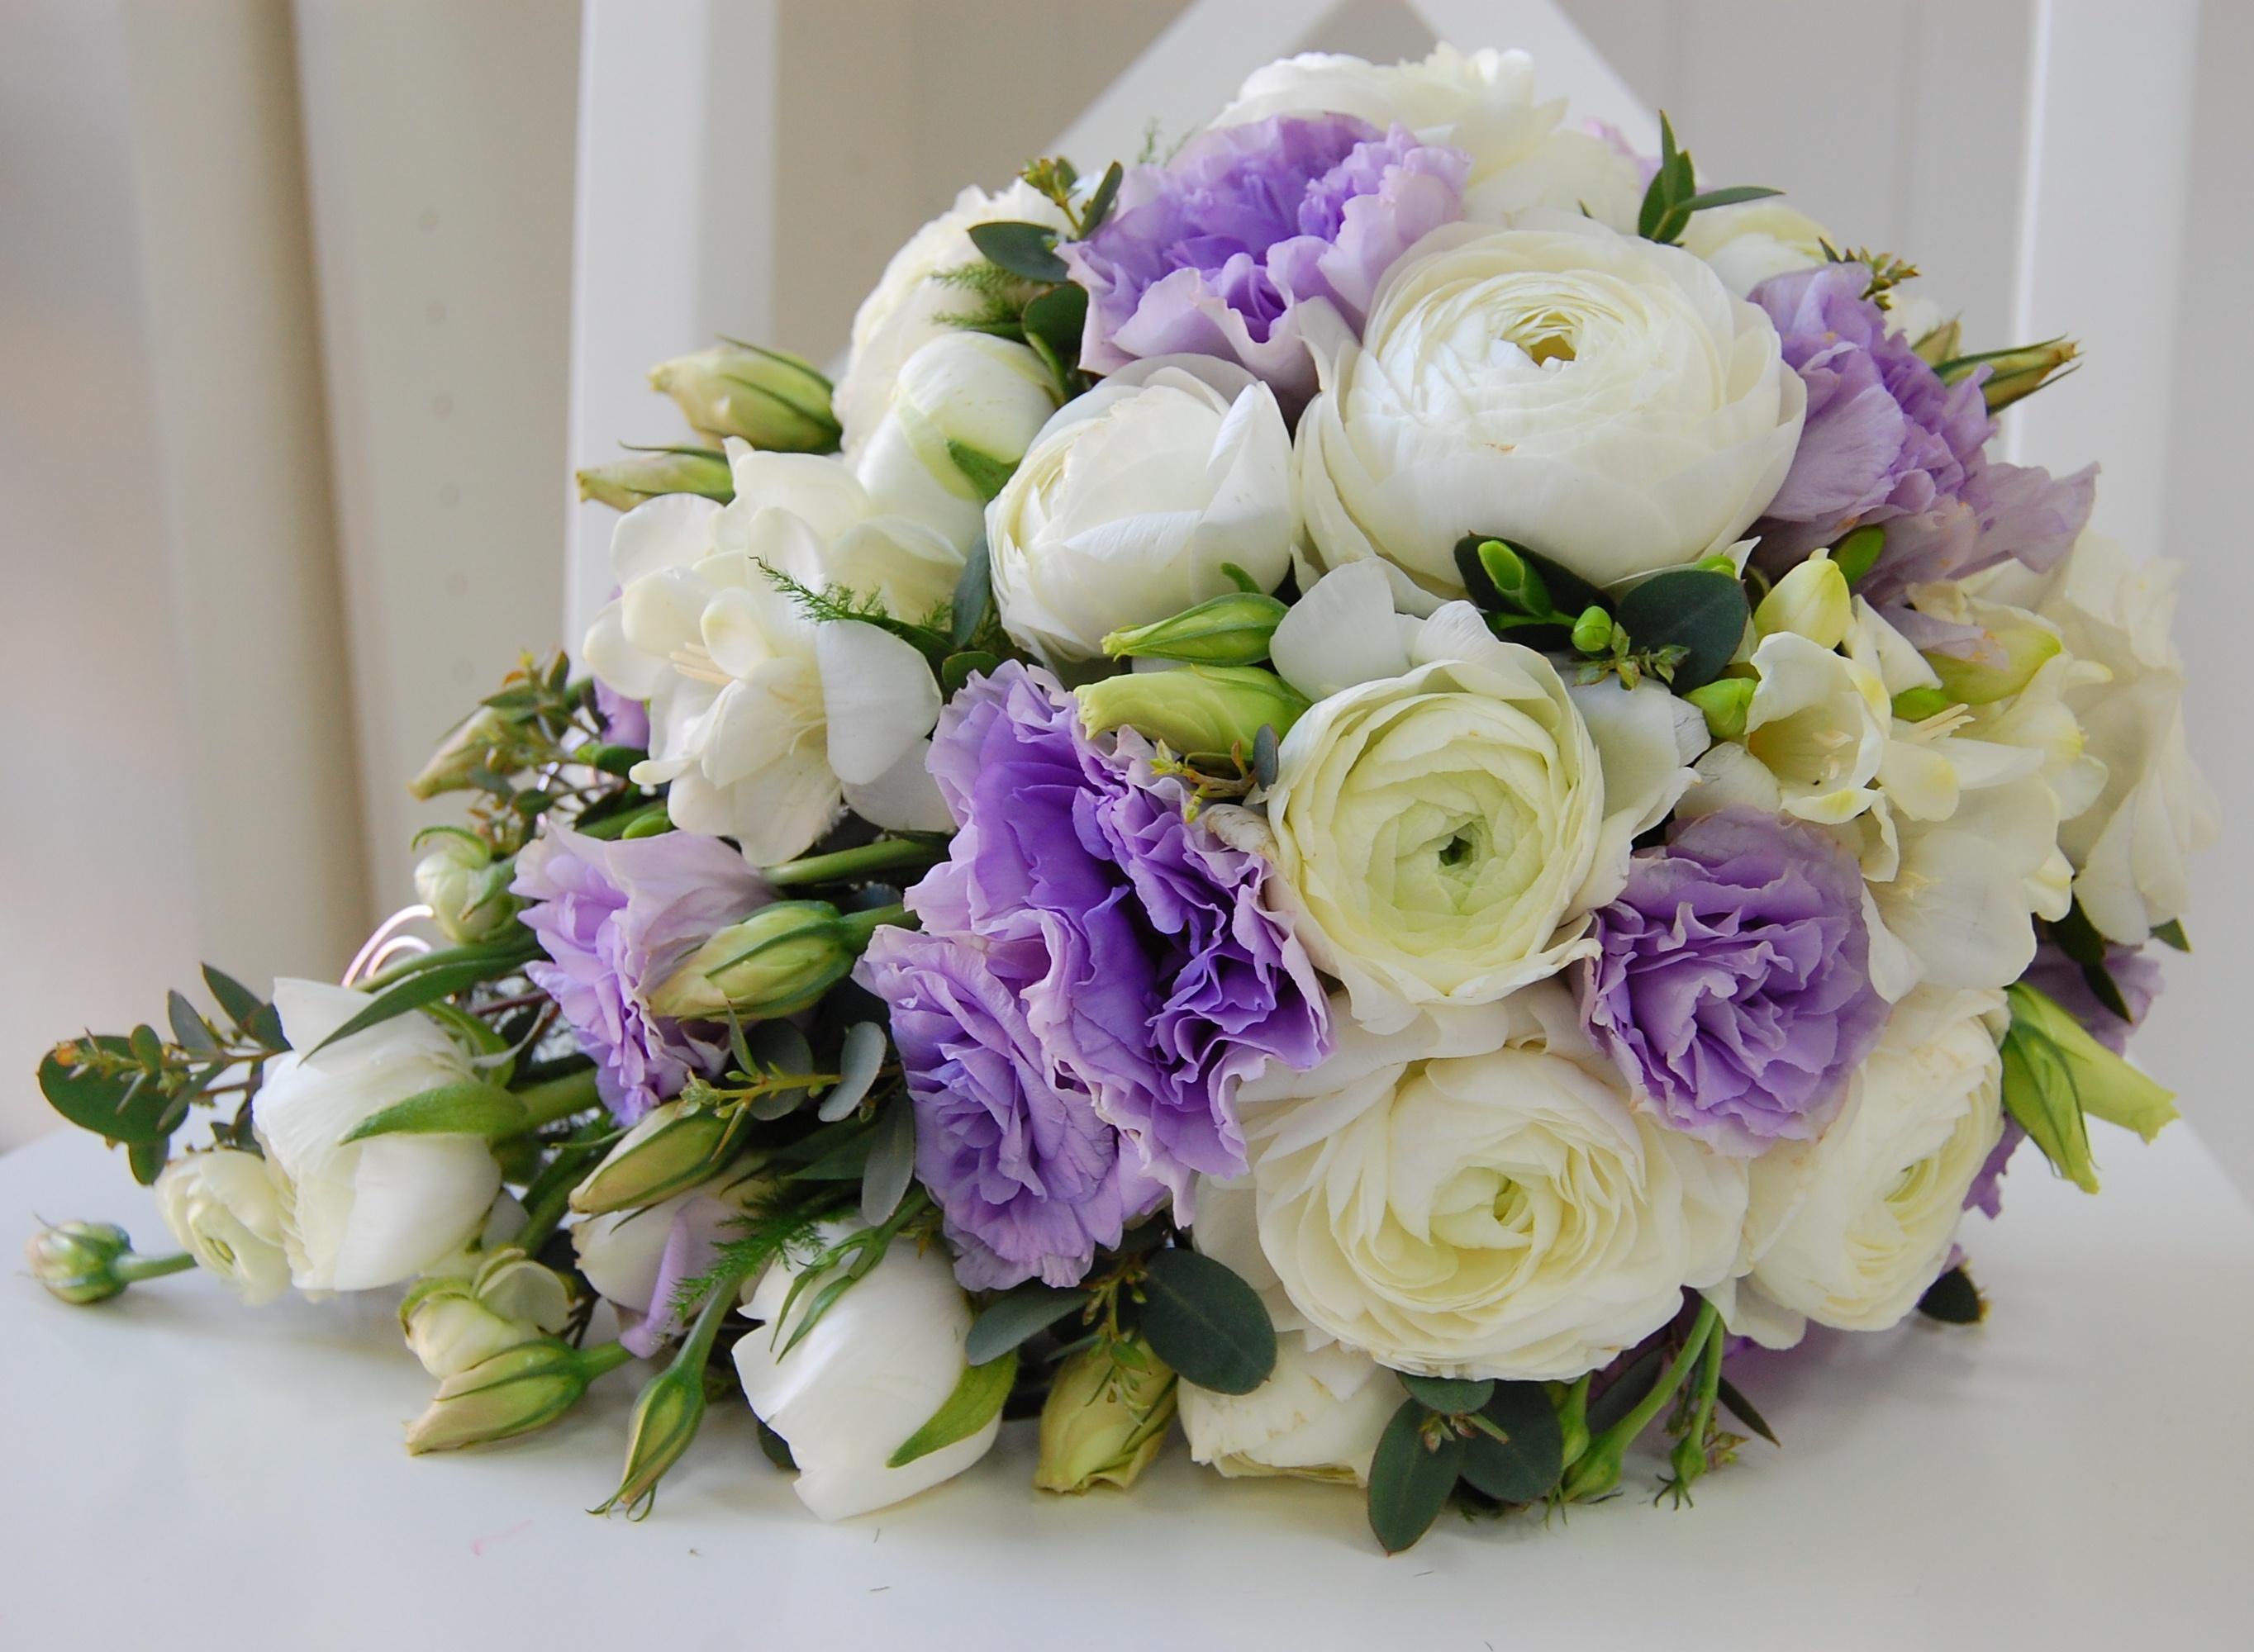 Букет цветов составляют: белоснежные ранункулюсы, белая фрезия теплого оттенка, сиреневая эустома, эвкалипт, аспарагус.